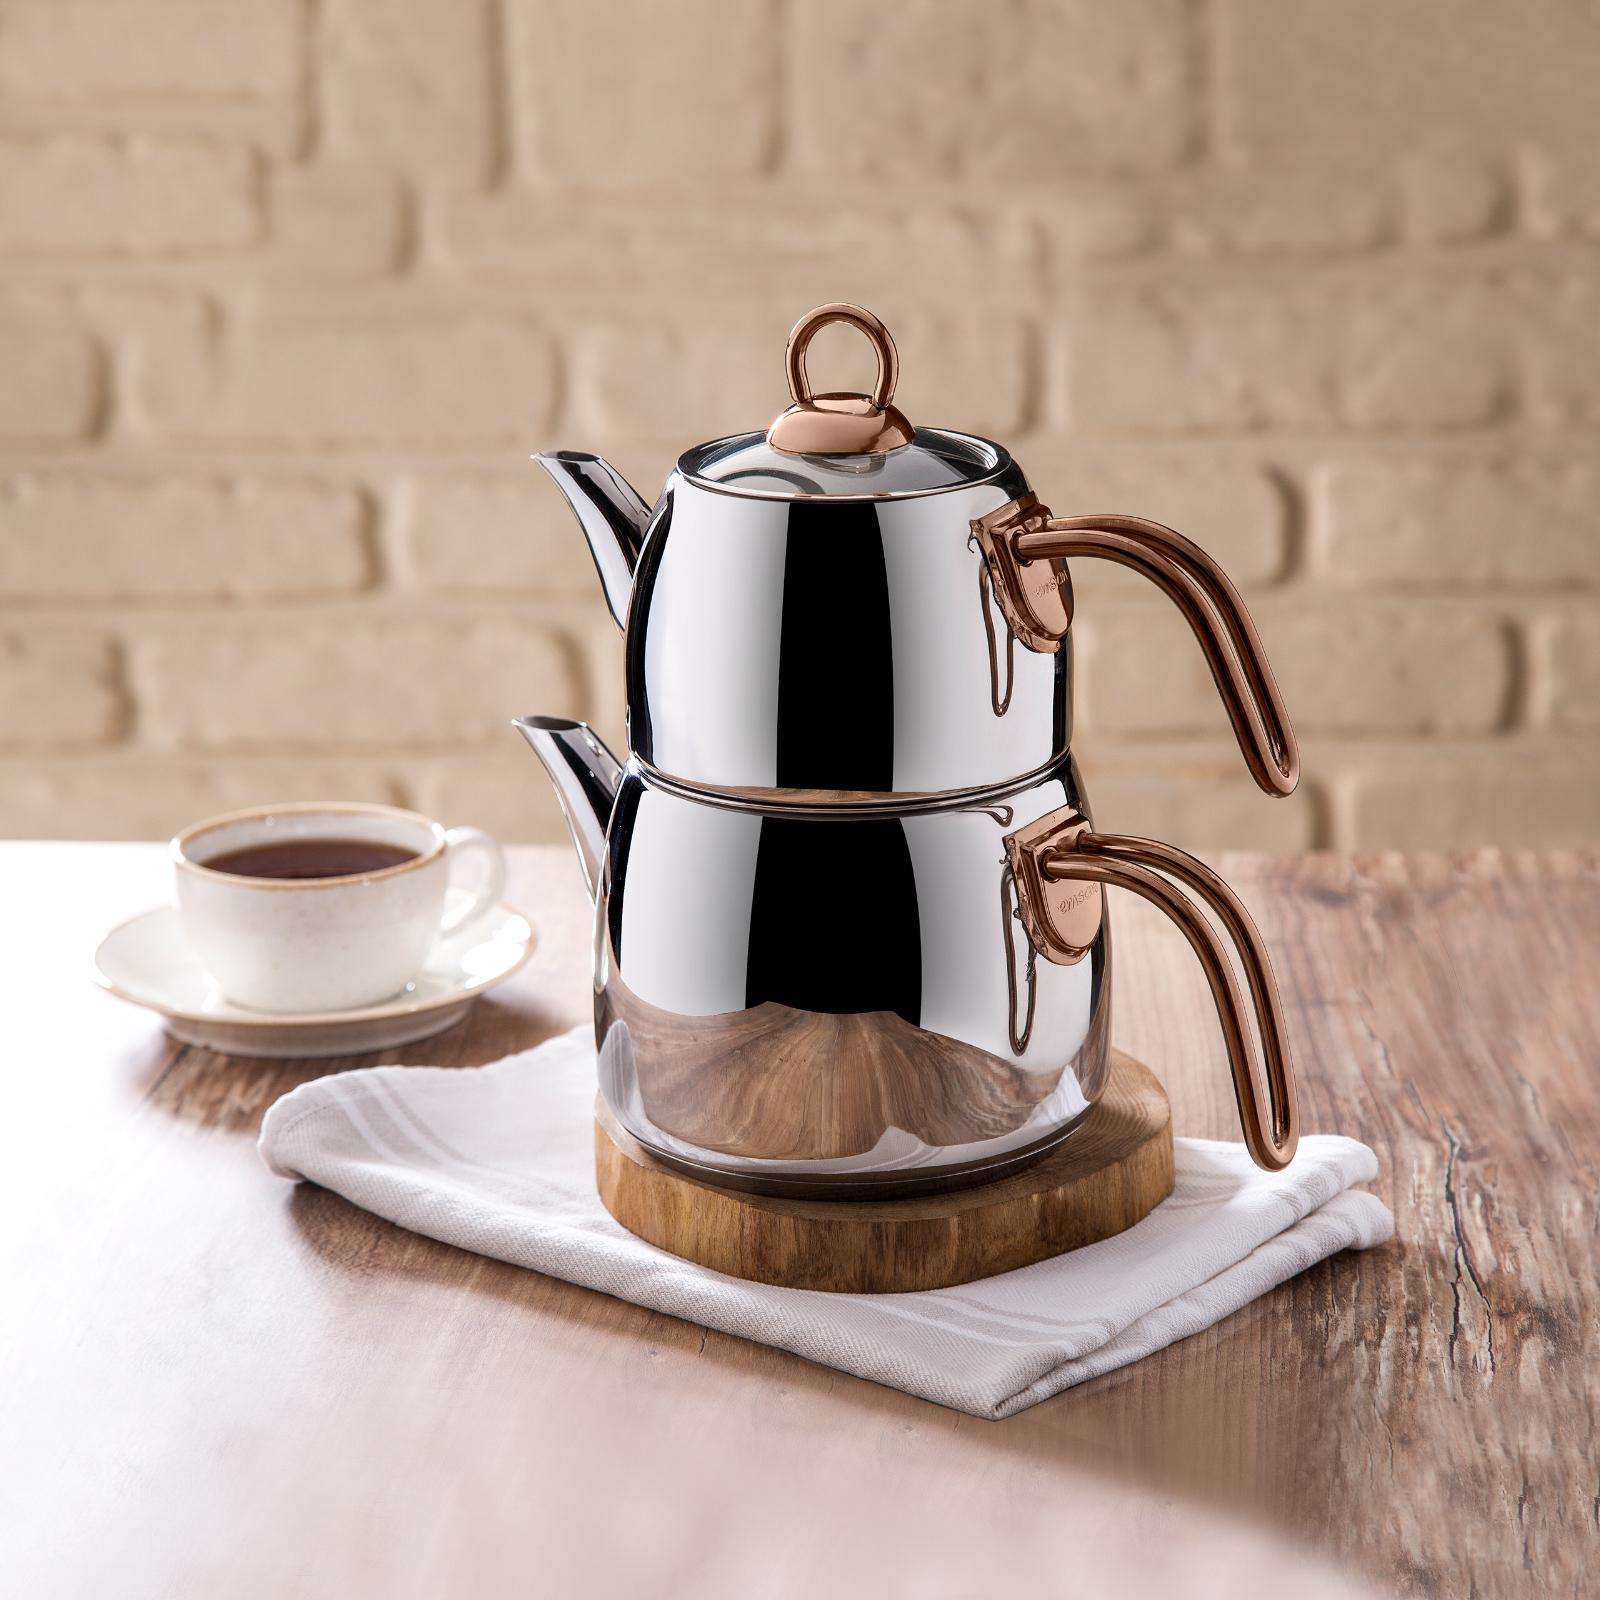 Emsan Teatanyum Maxi İndüksiyon Tabanlı Çaydanlık Takımı